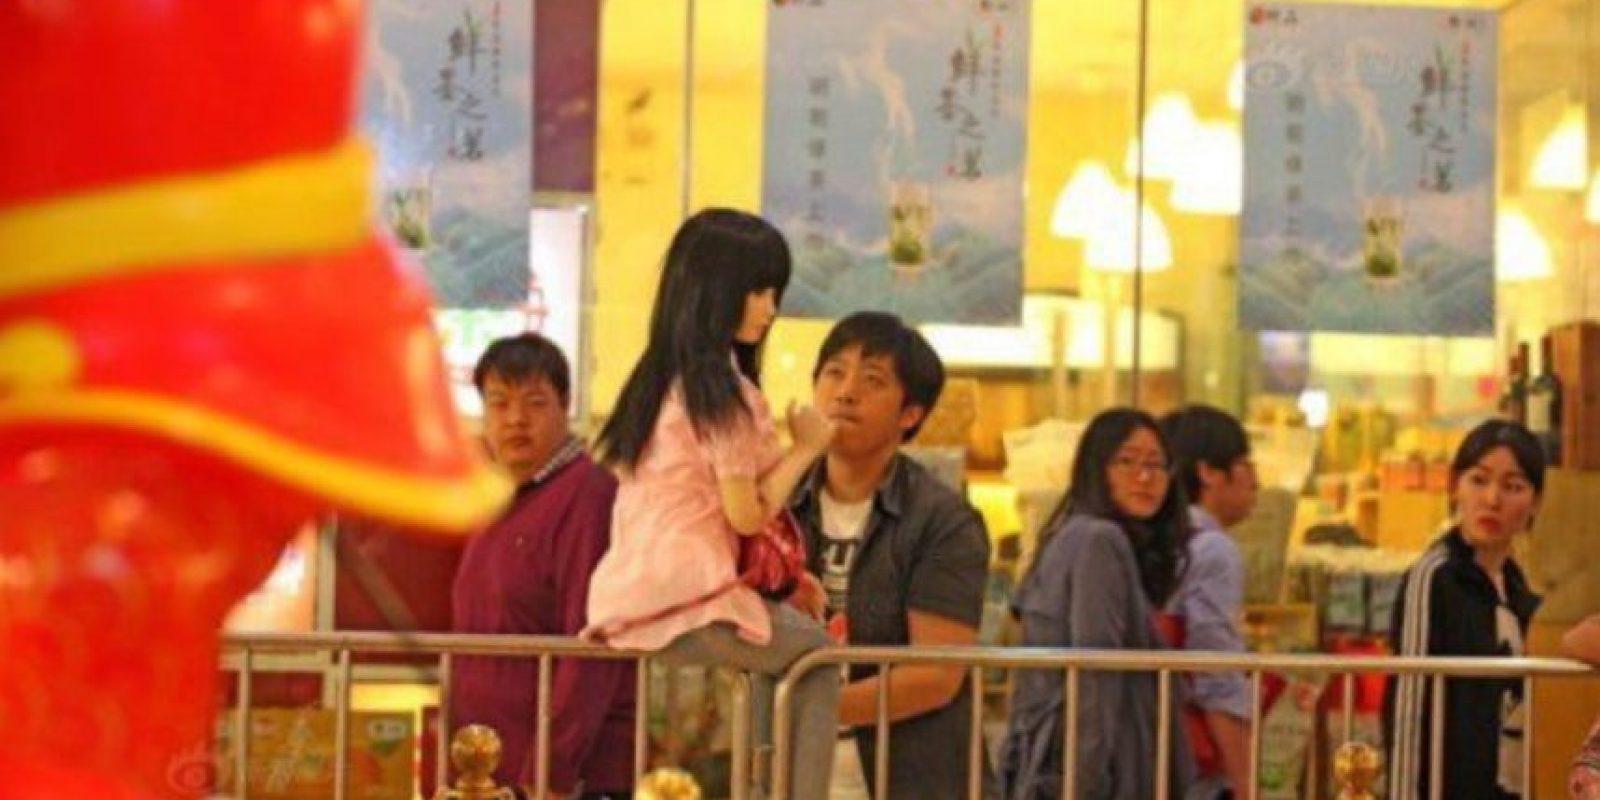 Song vive con su madre Foto:Vía Weibo/Bo Song